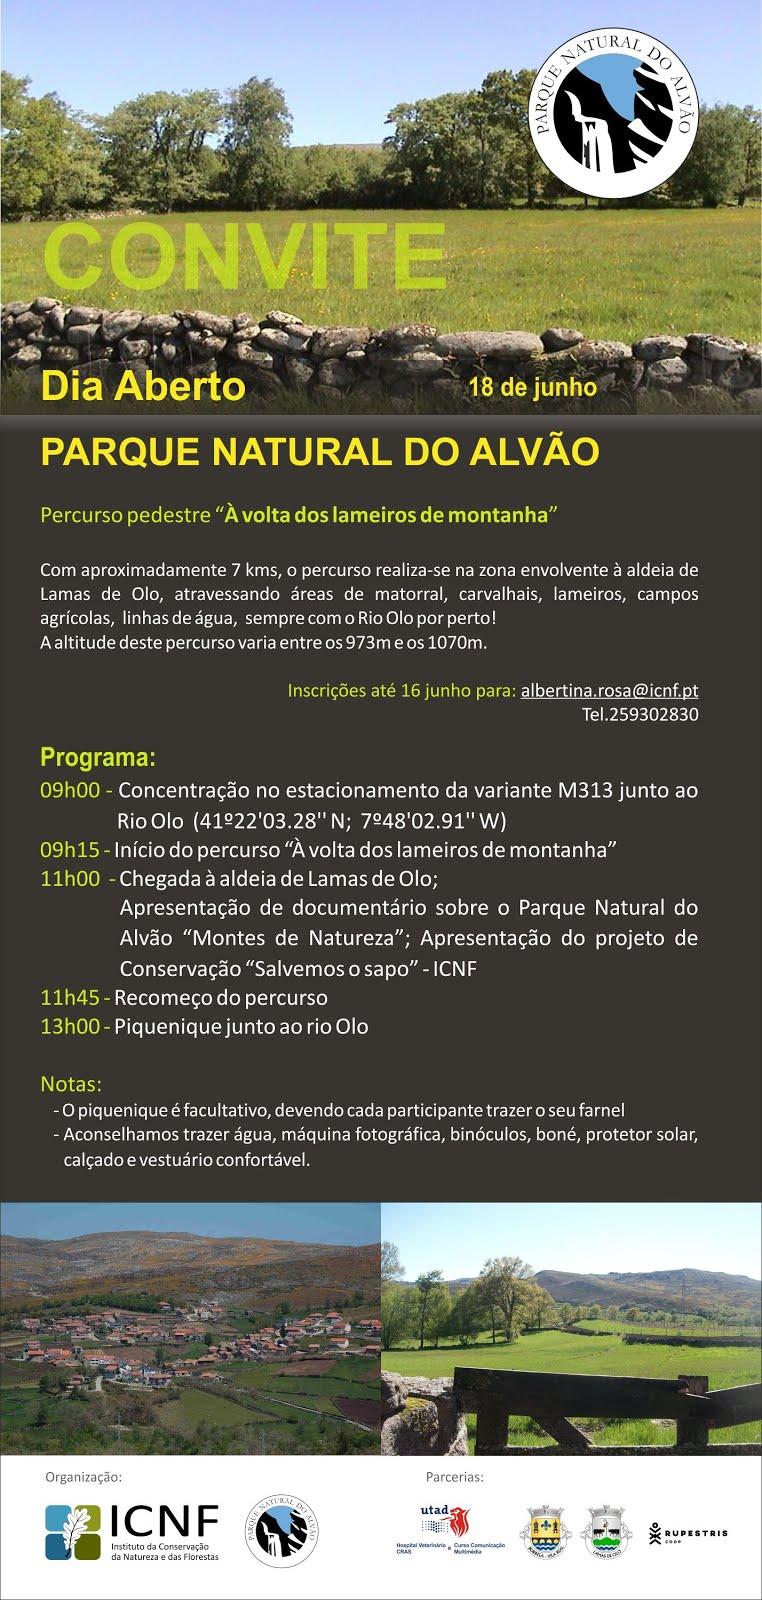 Dia Aberto Parque Natural Alvão